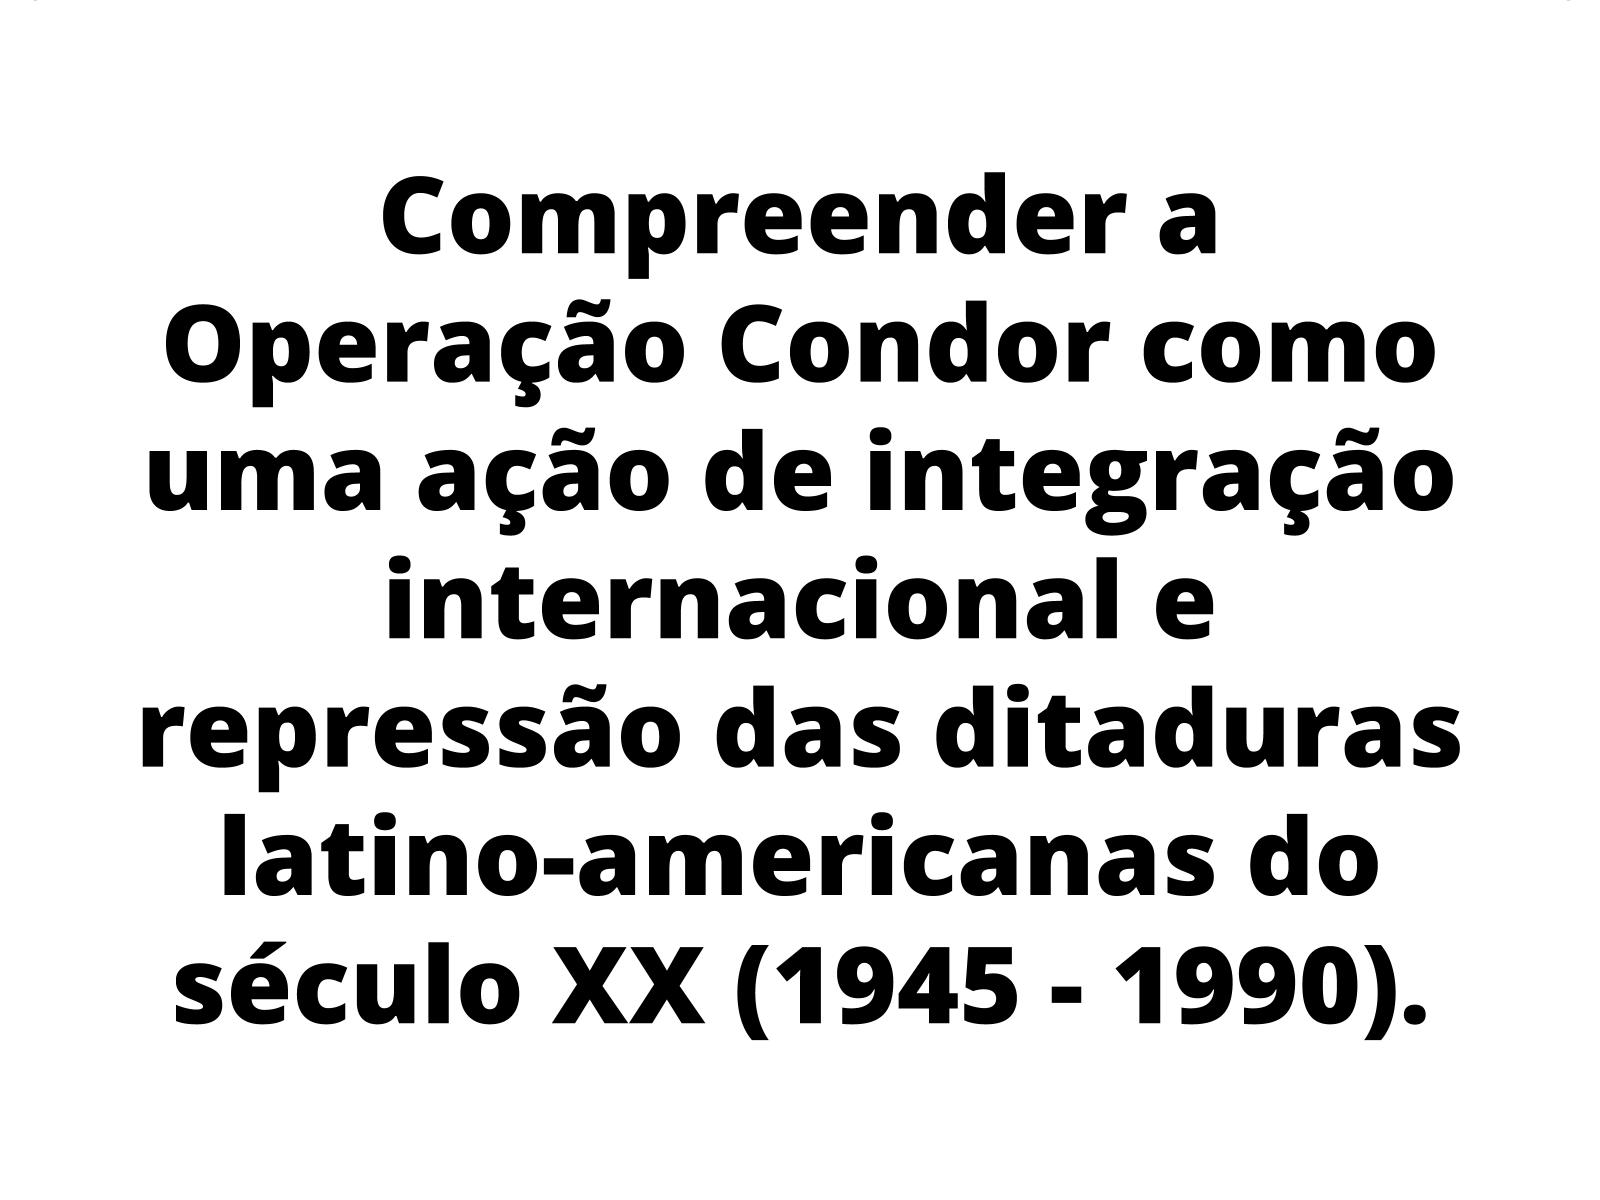 Integração internacional nas ditaduras latino - americanas (1945 - 1990): uma análise sobre a operação condor